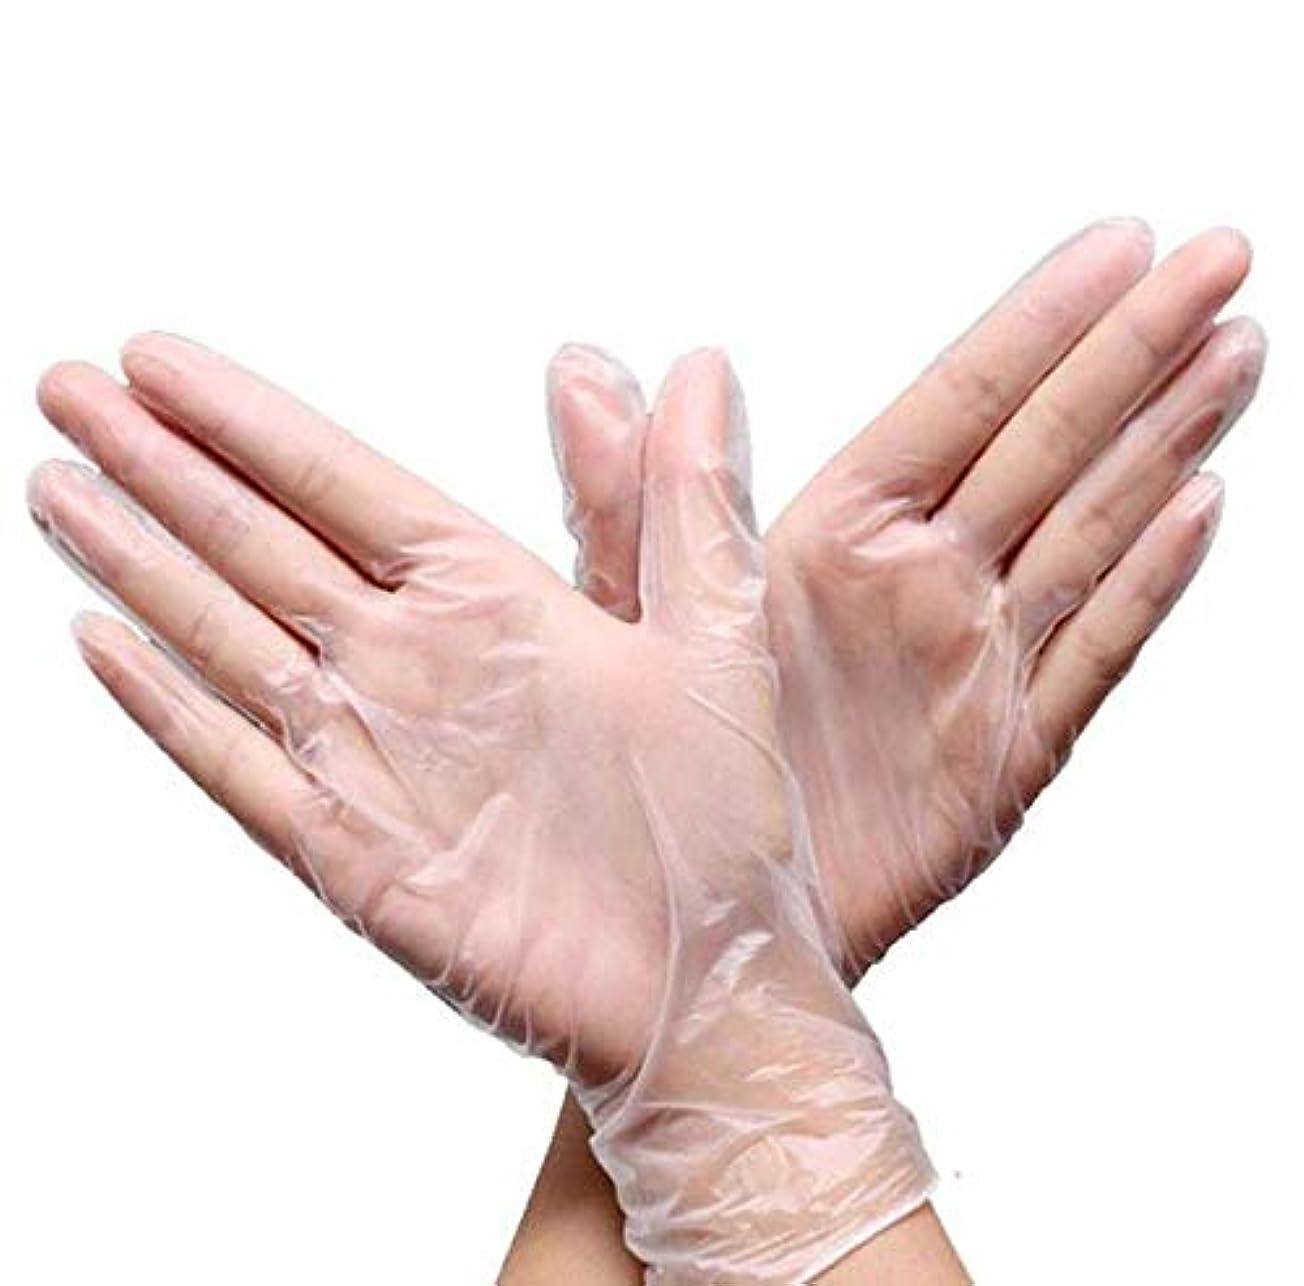 テープうま生むSTK ニトリルゴム手袋 使い捨て手袋 透明 耐油 防水 左右兼用 粉なし 手荒れを防ぎ 素手 薄い 介護 トイレ掃除 園芸 美容 食器洗い (50ペアセット)